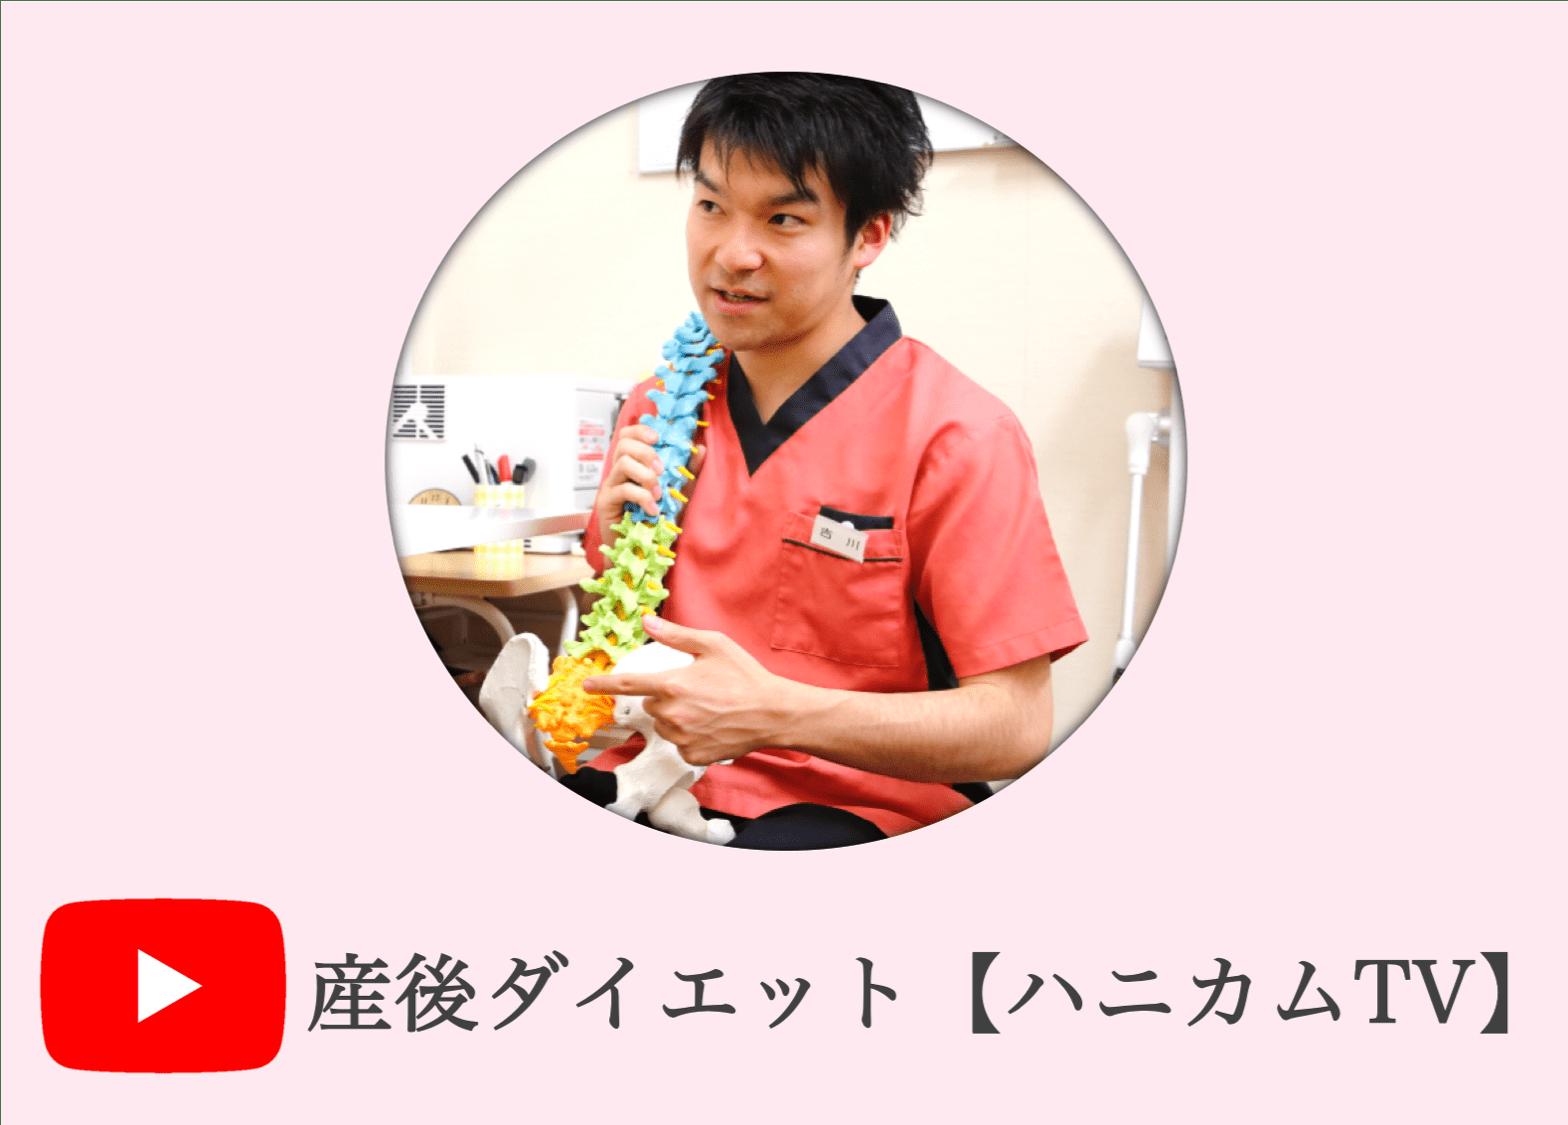 産後ダイエット【ハニカムTV】